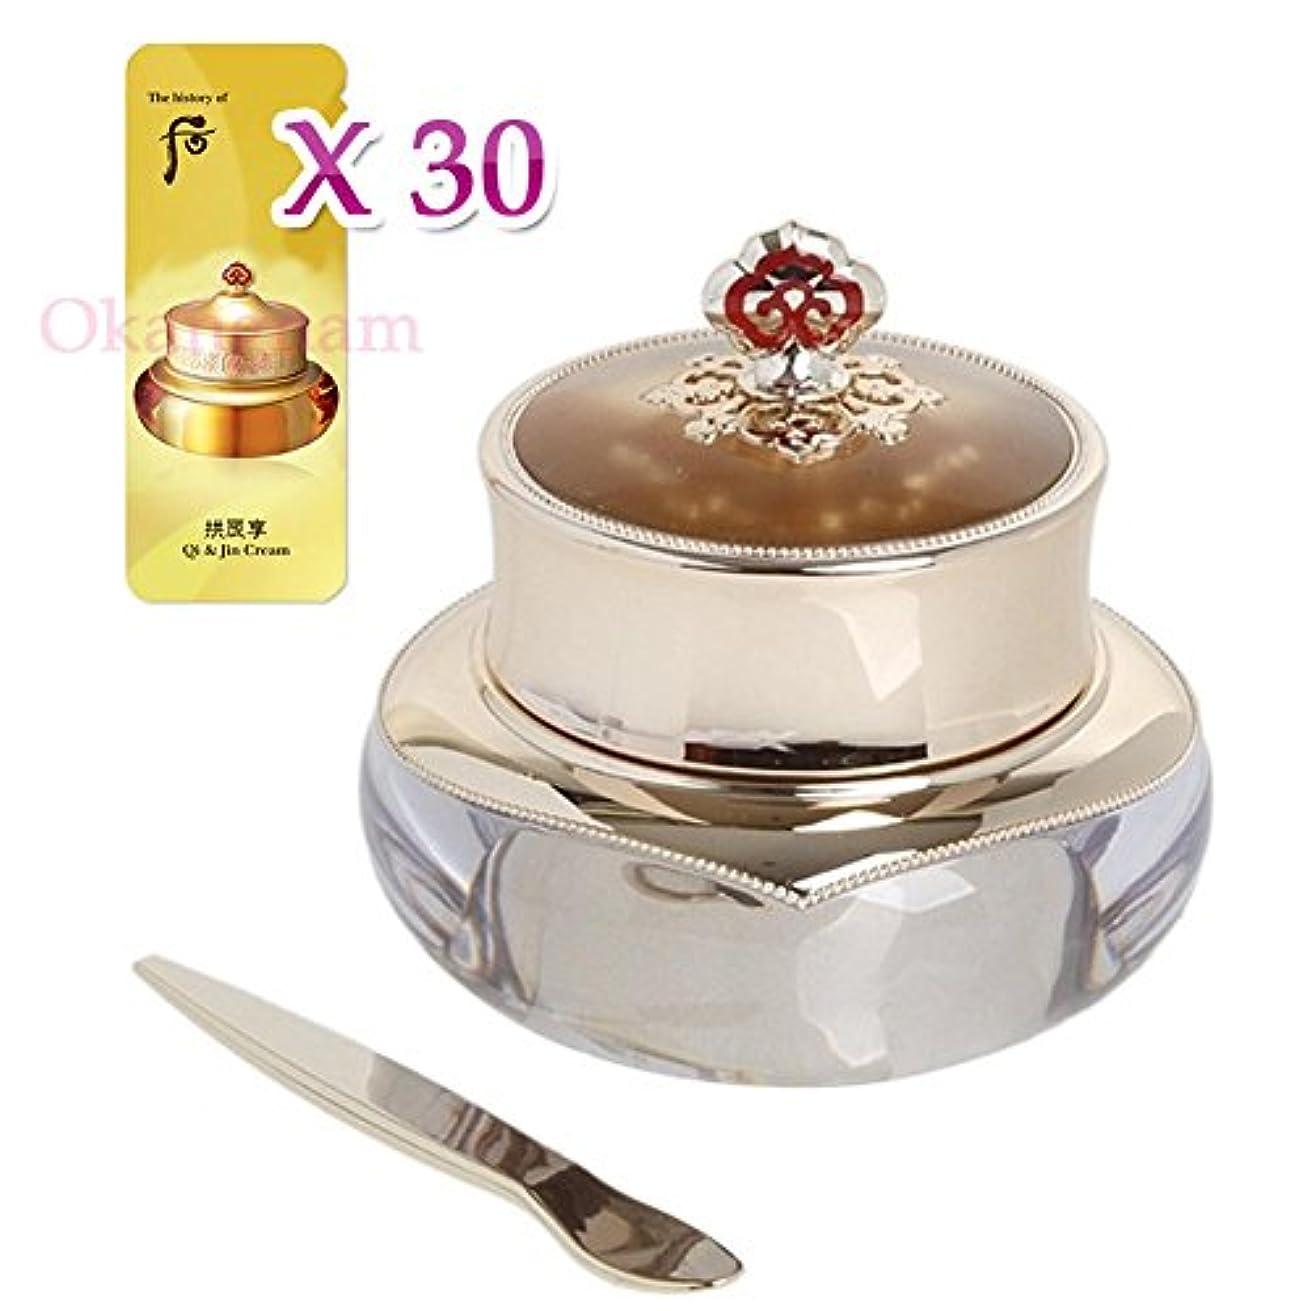 対処ラフ睡眠公爵【フー/ The history of whoo]  Whoo 后 CK04 Hwahyun Eye Cream / 后(フー) 天気丹(チョンギダン) ファヒョン アイクリーム25ml + [Sample Gift](海外直送品)